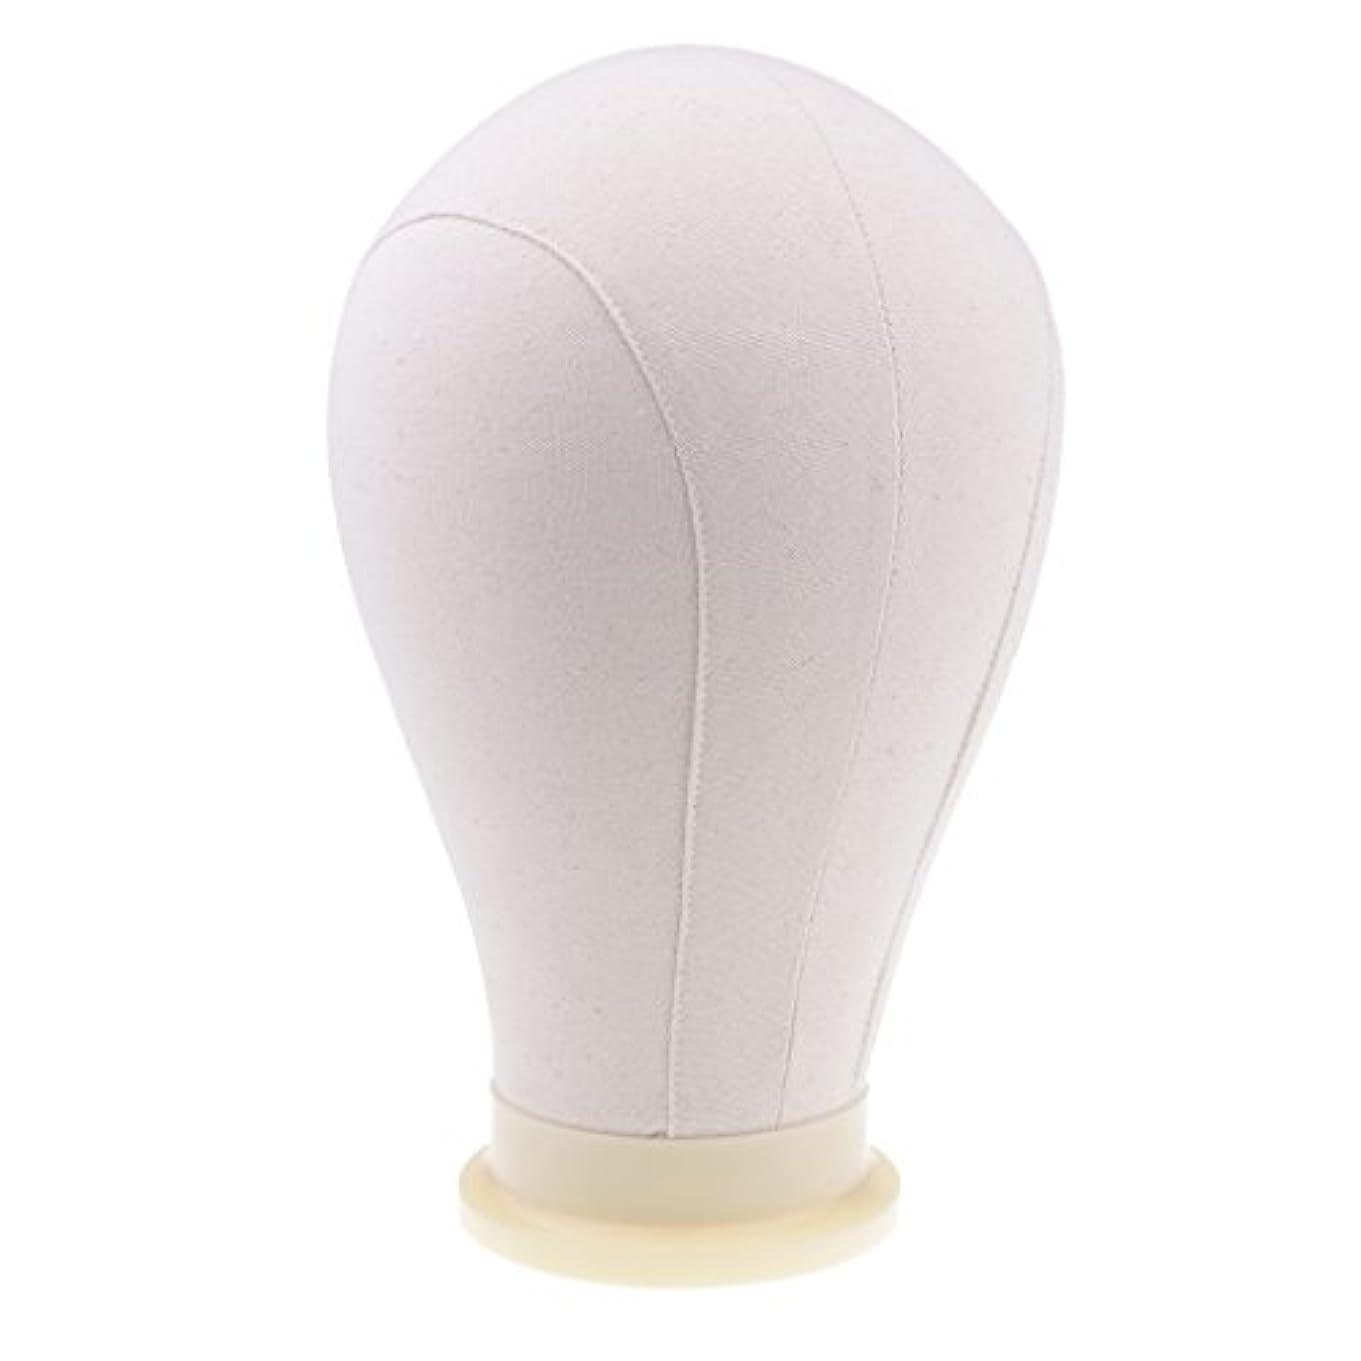 電子マイナス自発的かつら 帽子 ディスプレイ キャンバスブロック マネキンヘッド 帽子作り ピン付き 4サイズ - 24インチ